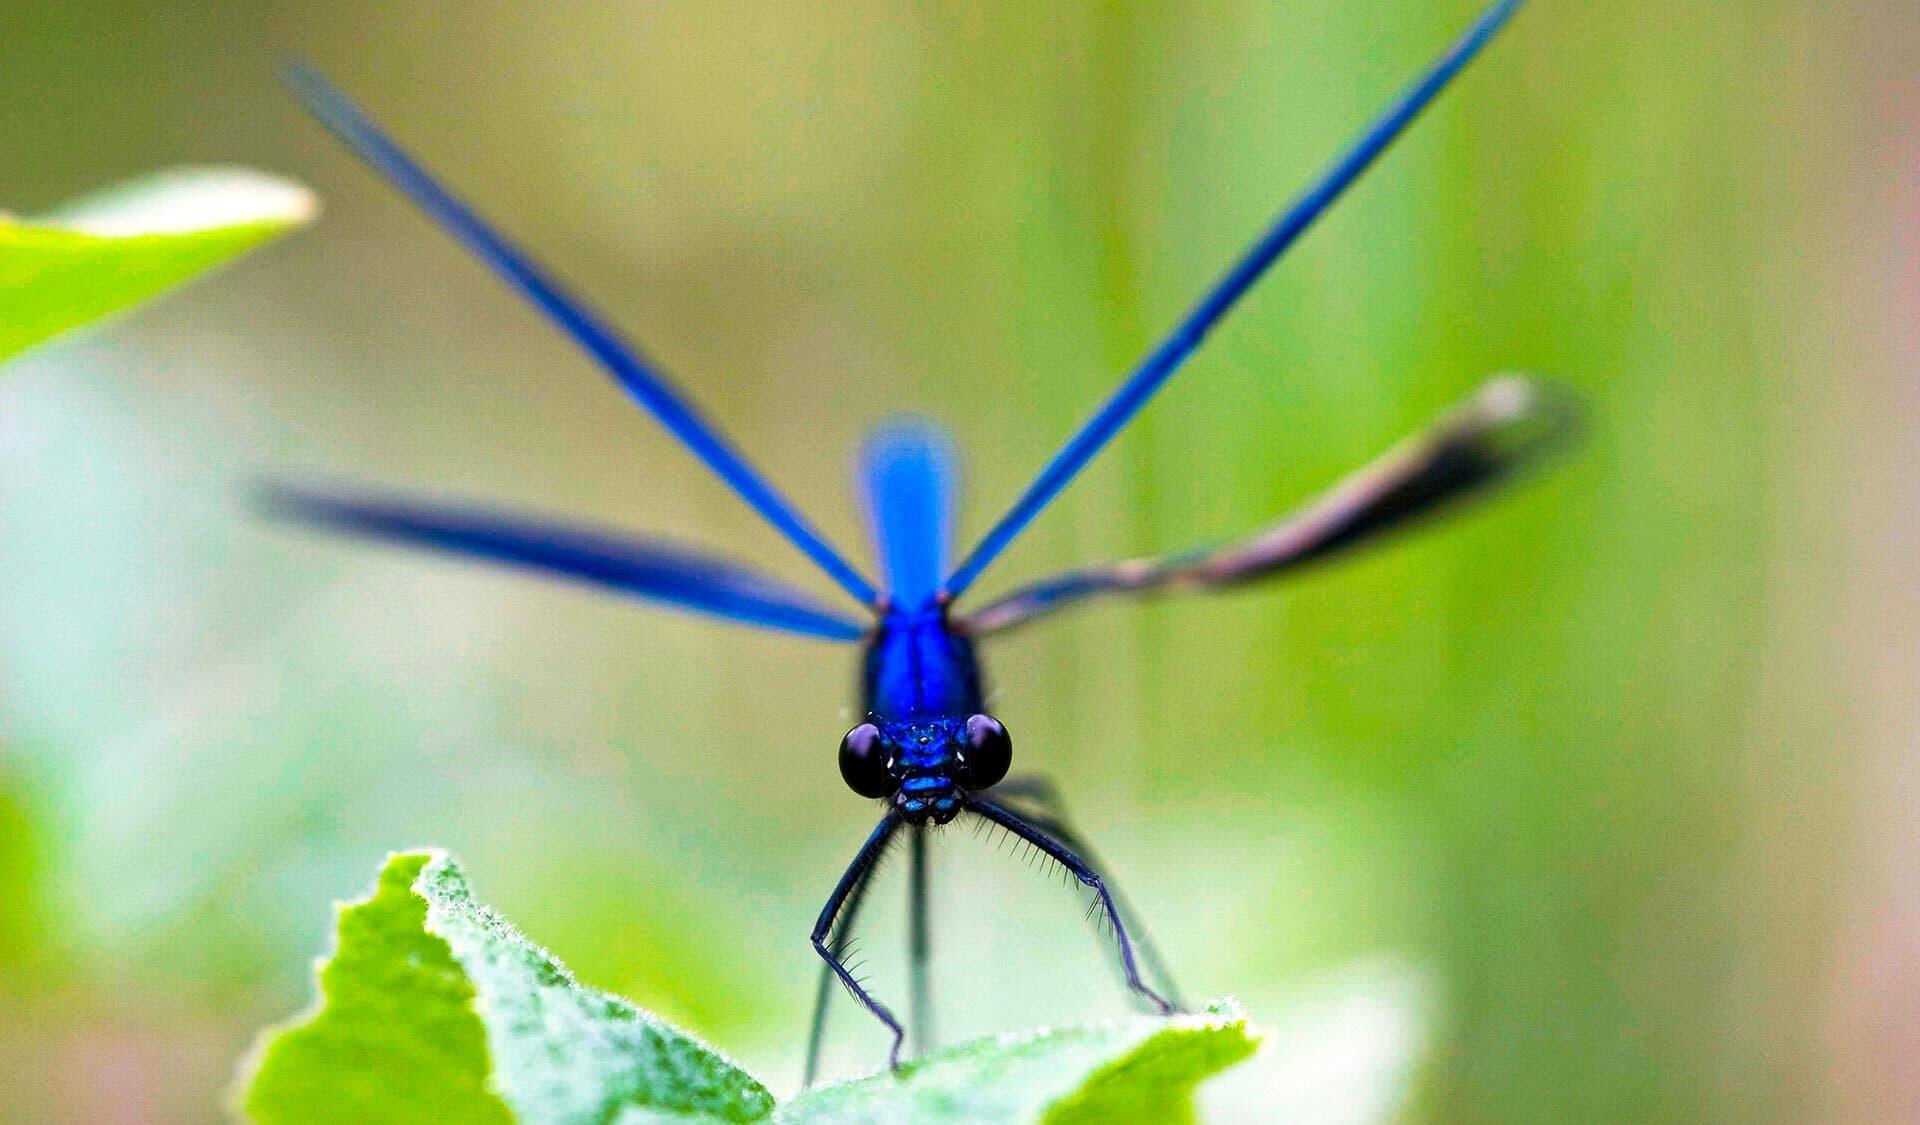 Eine blaue Libelle in Nahaufnahme